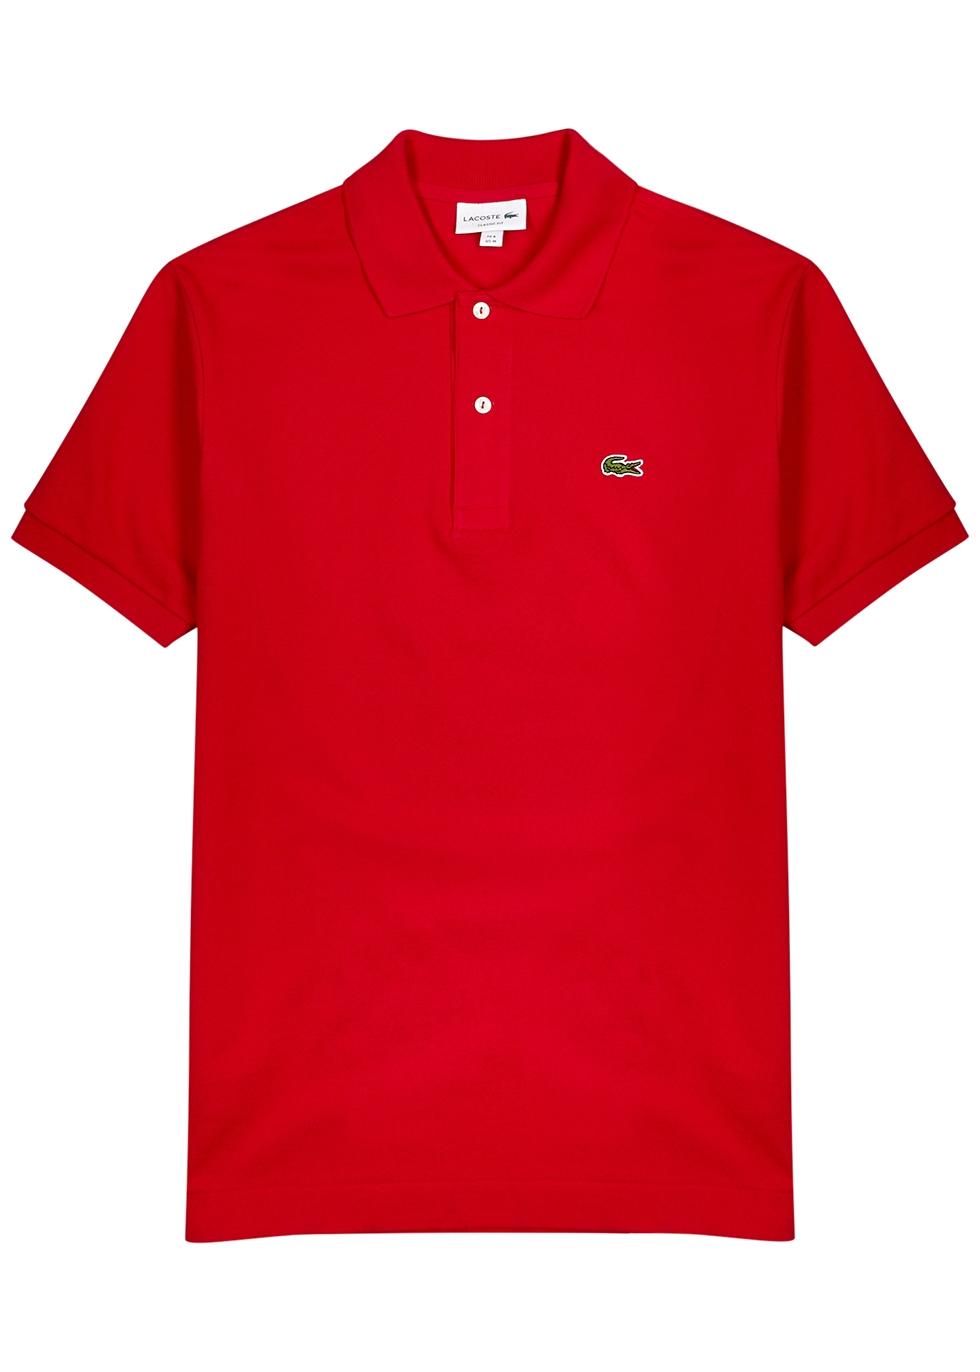 Red piqué cotton polo shirt